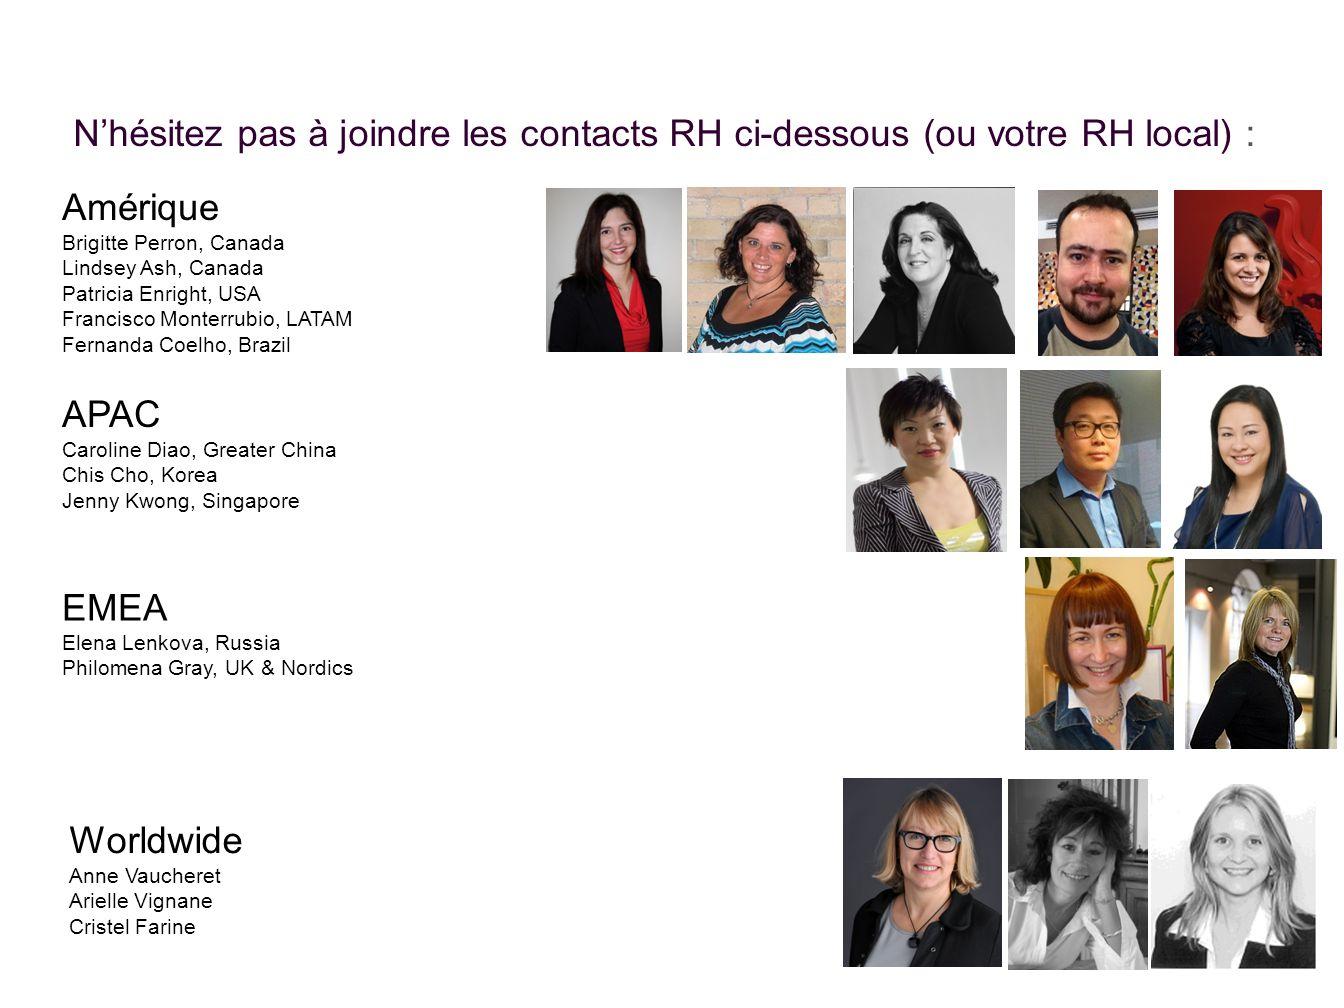 Nhésitez pas à joindre les contacts RH ci-dessous (ou votre RH local) : Amérique Brigitte Perron, Canada Lindsey Ash, Canada Patricia Enright, USA Fra